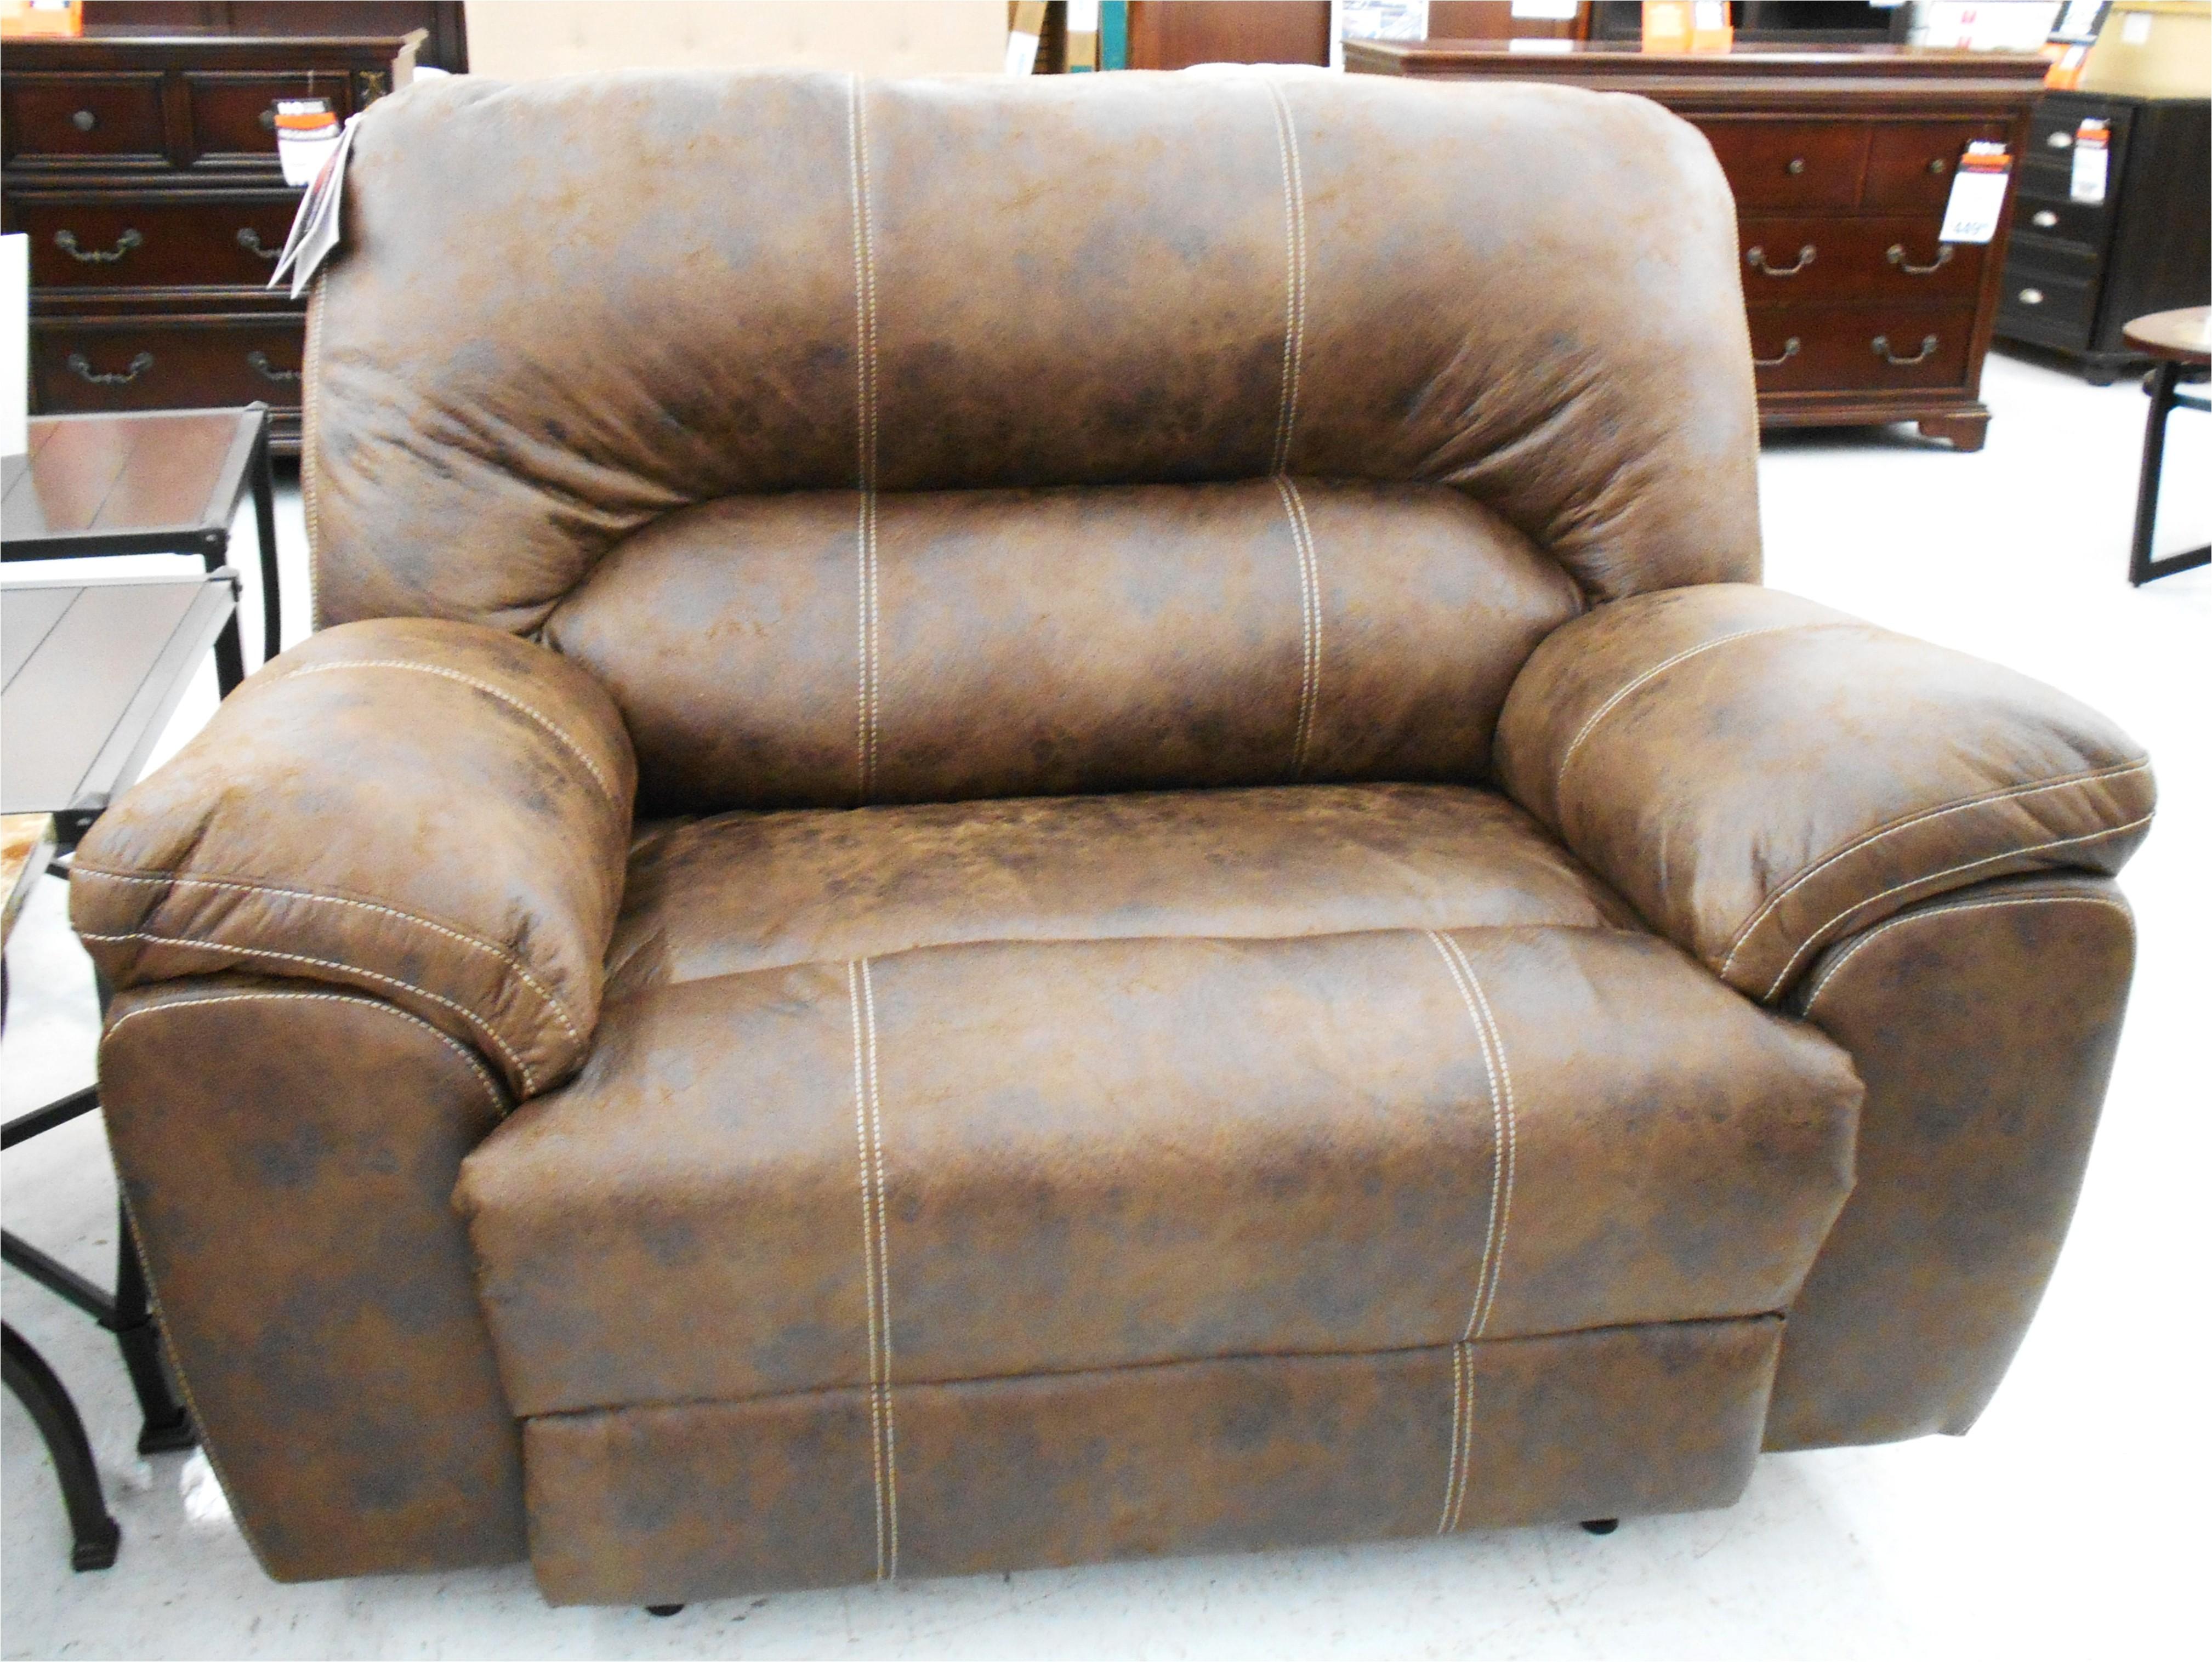 Simmons sofas at Big Lots sofa sofa Covers at Big Lots Sleepers Slipcovers Furniture Sets